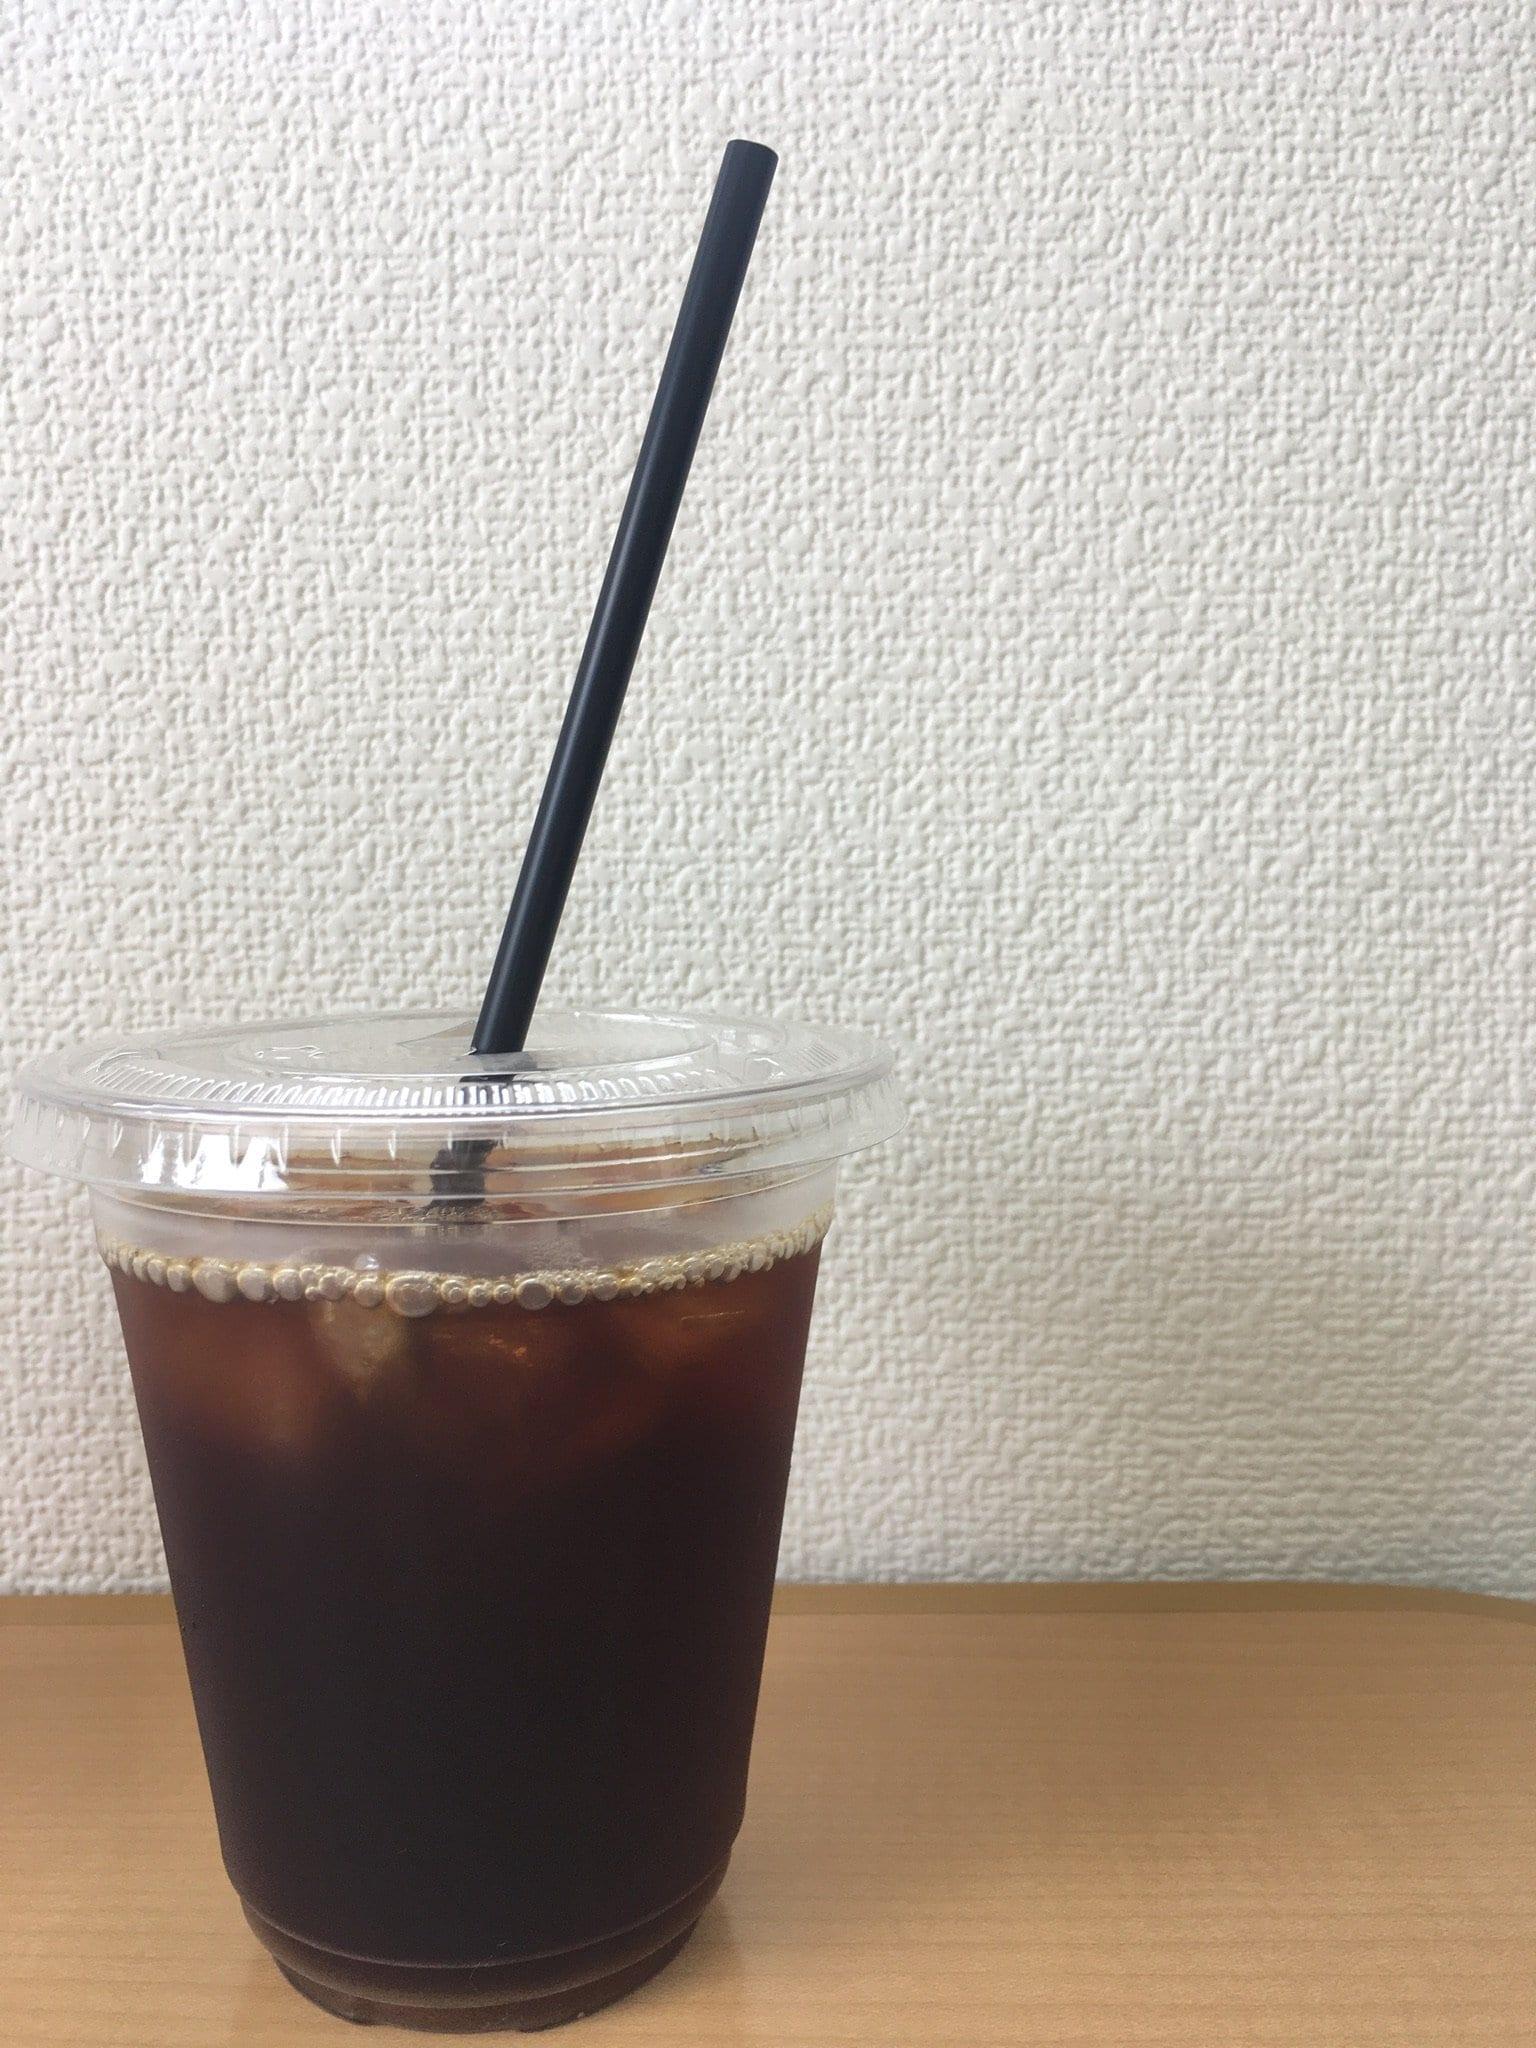 「あんぱさんど」ブラックコーヒー アイス Lサイズのイメージその1